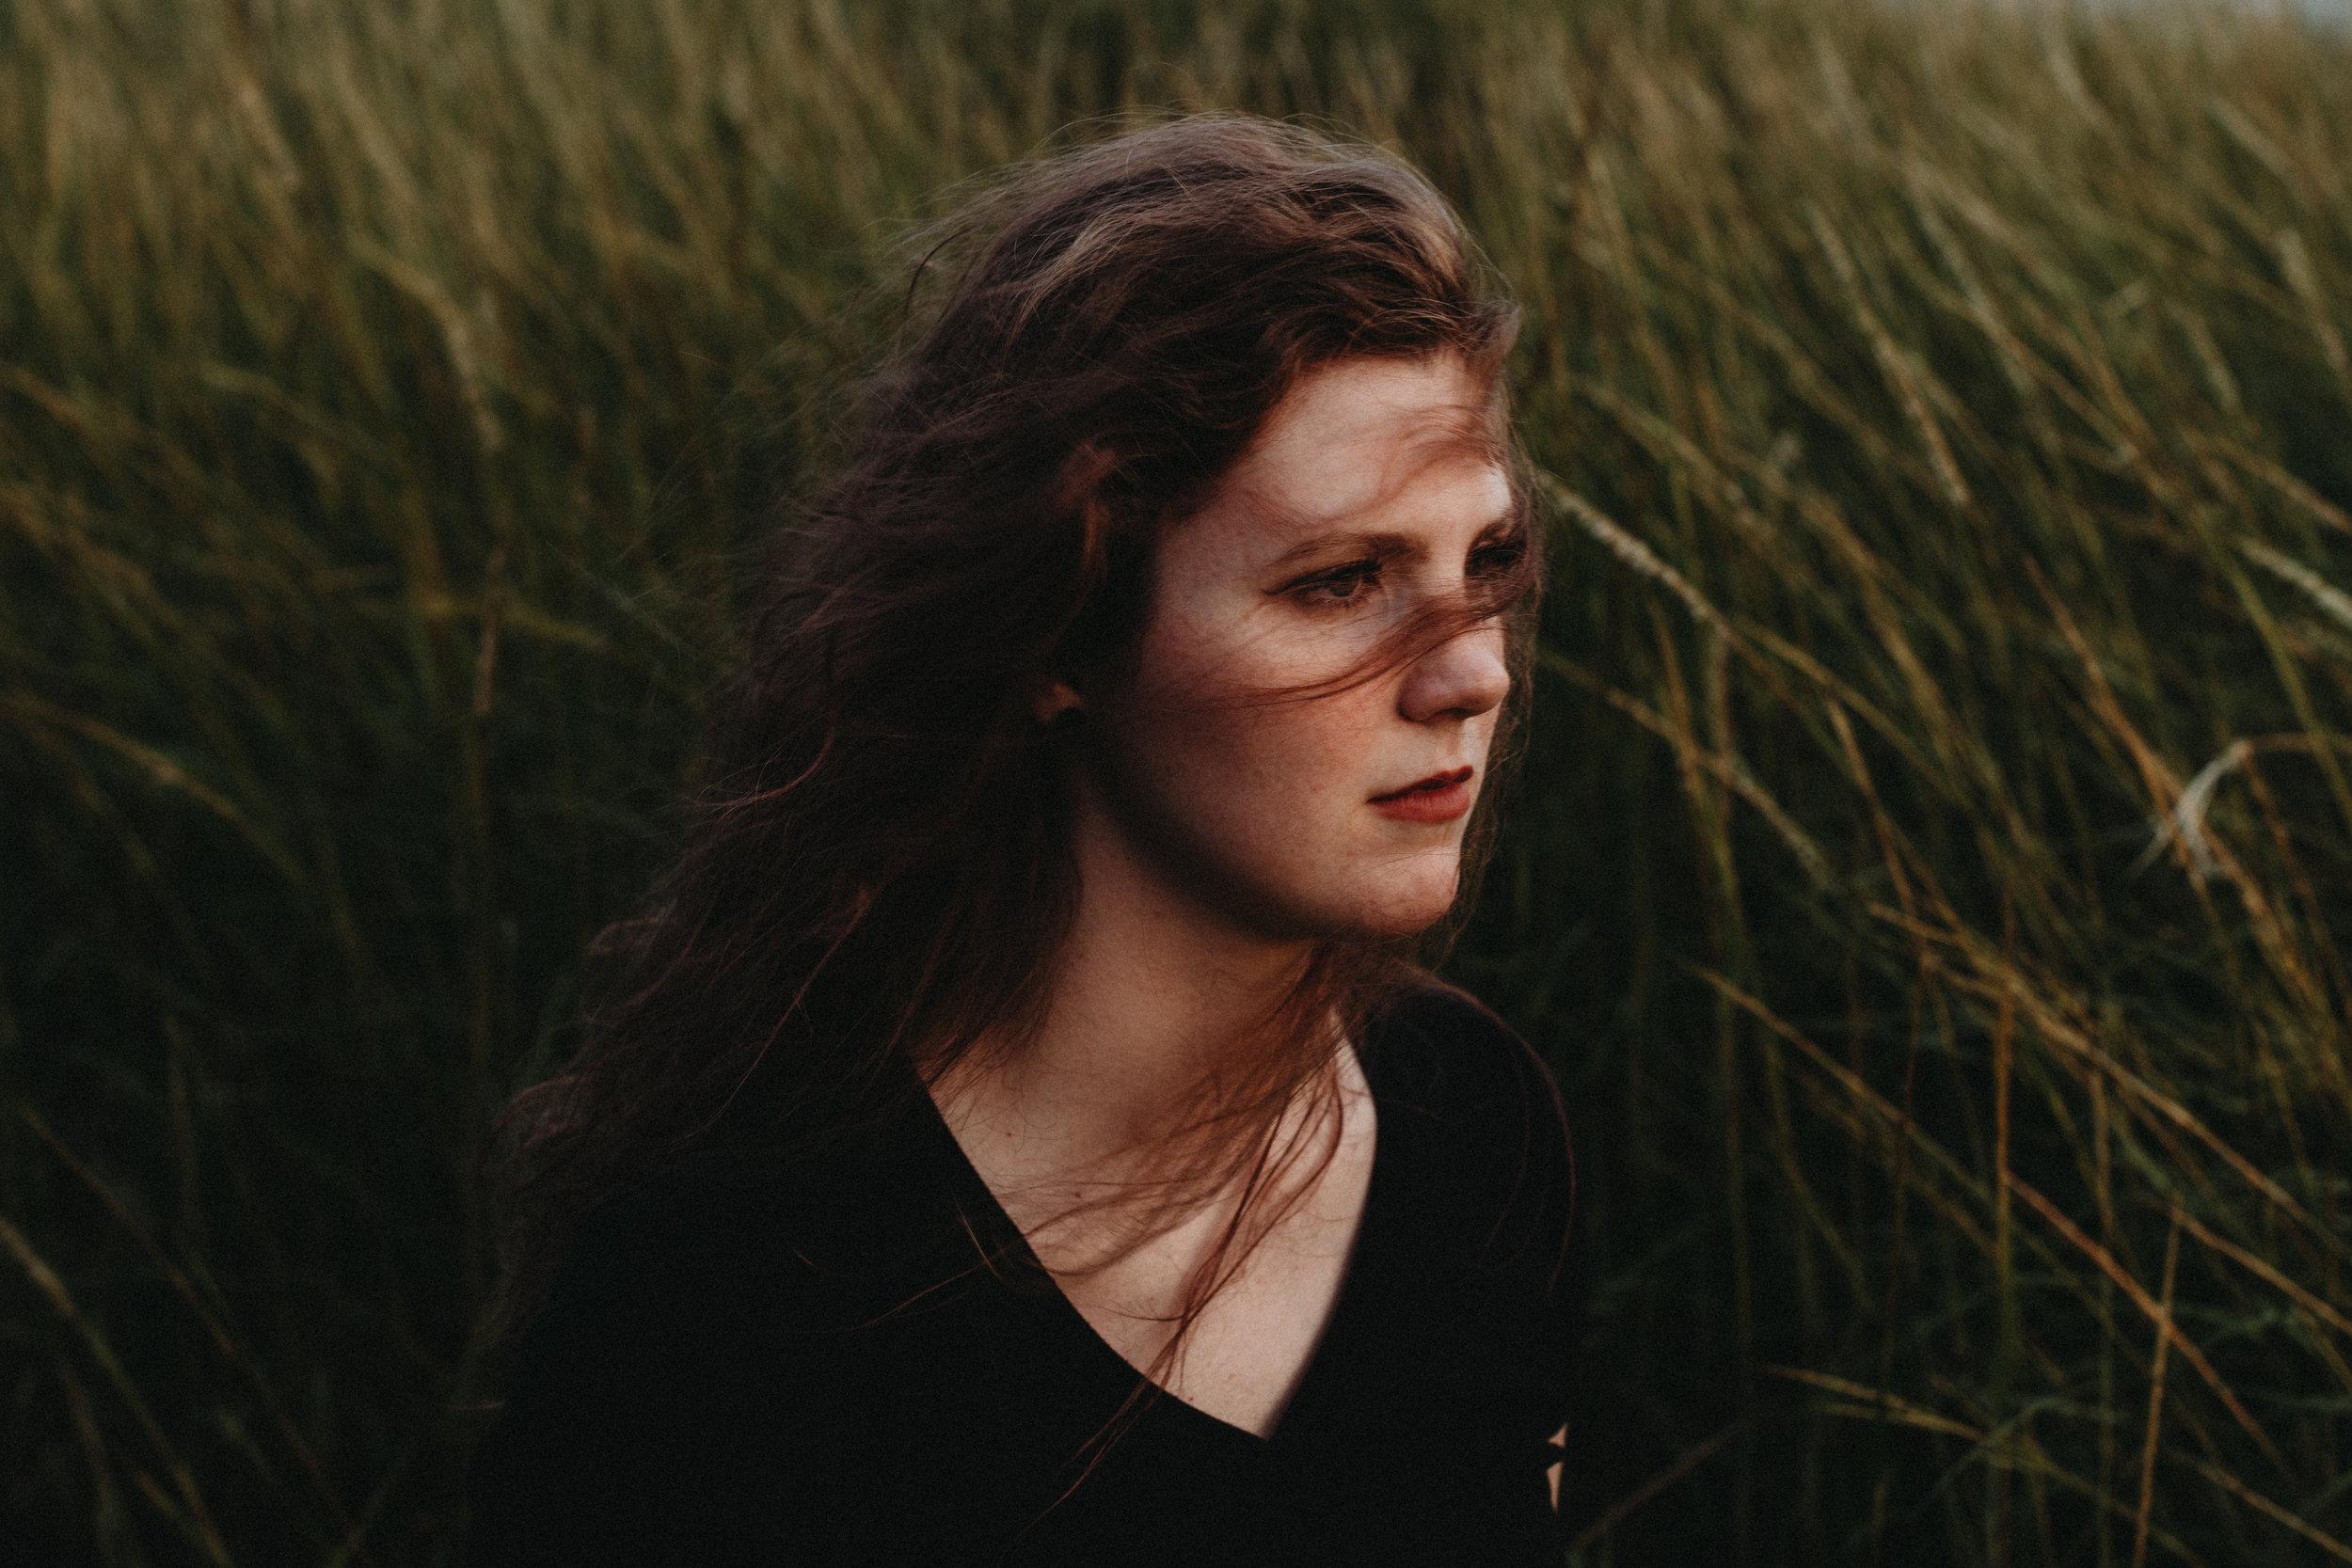 Stephanie Cahoon